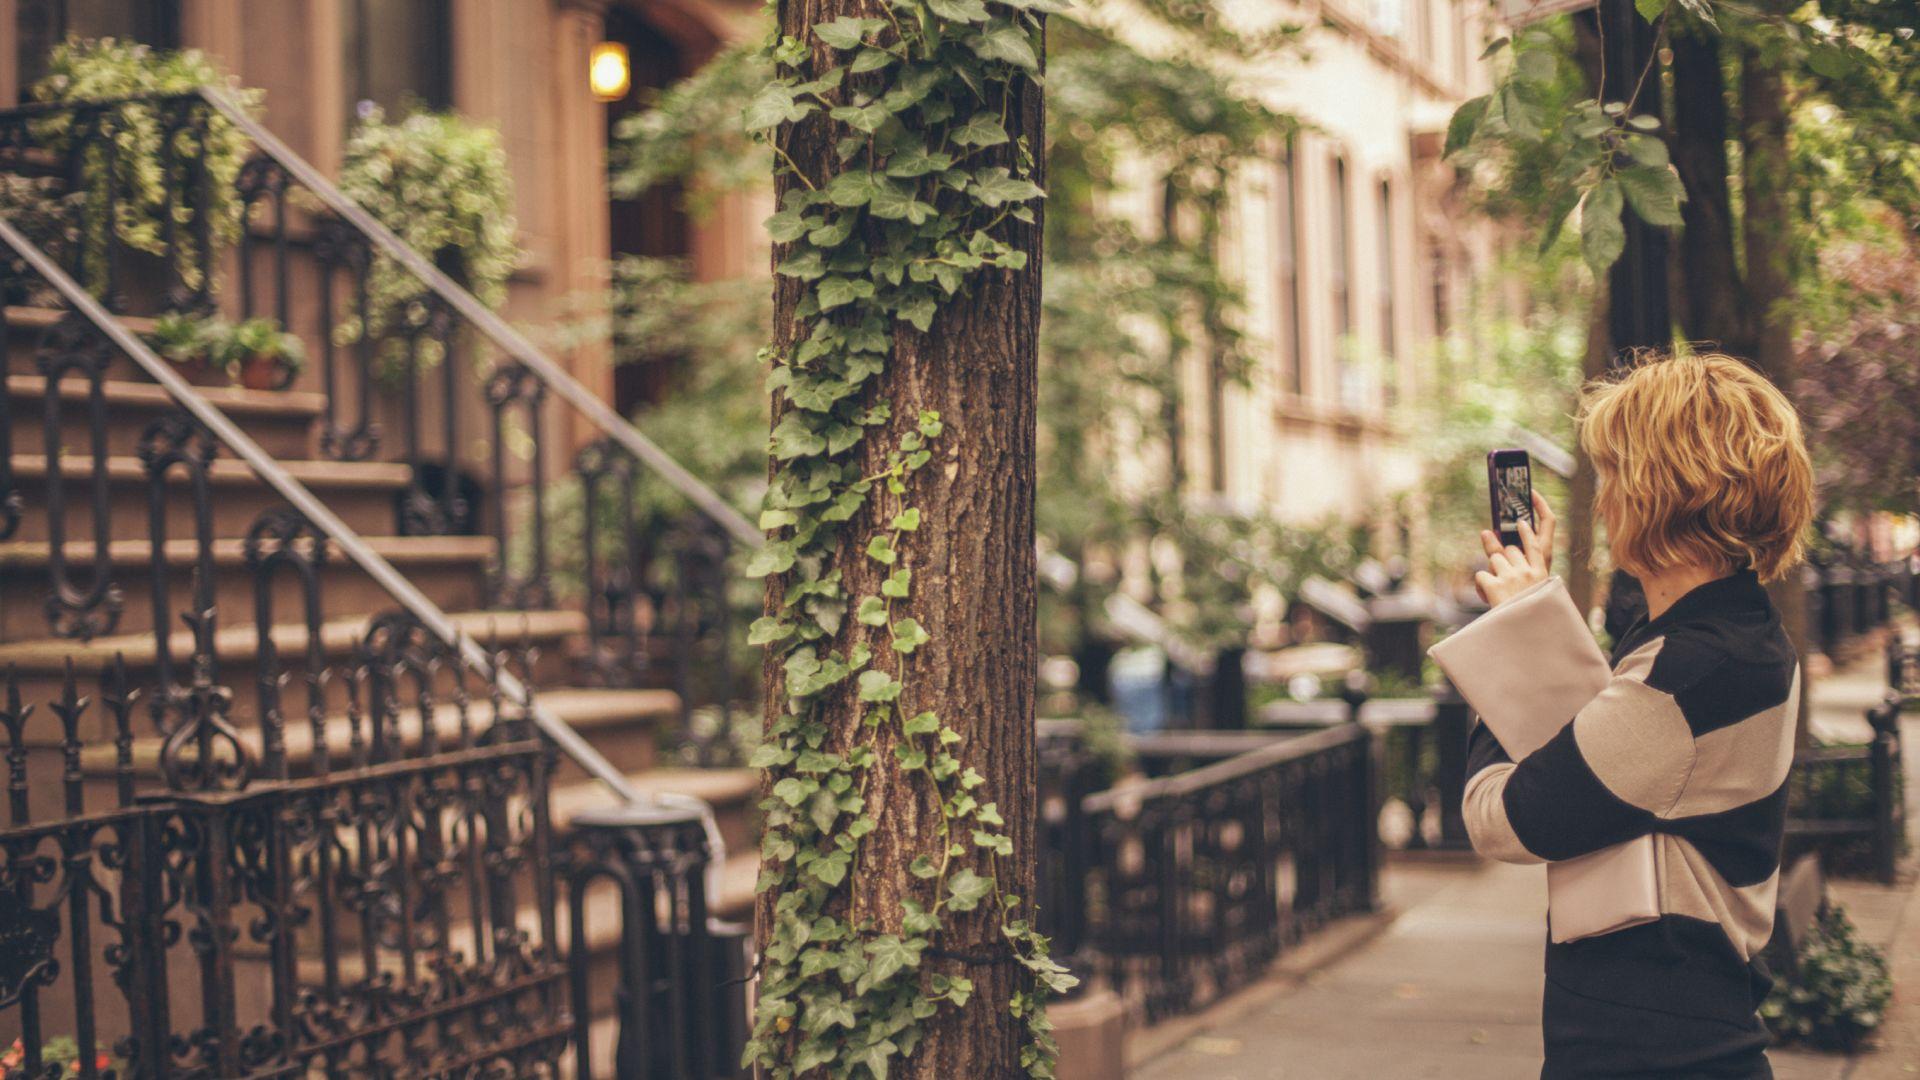 Une femme prend des photos des maisons Brownstones de New York avec son téléphone